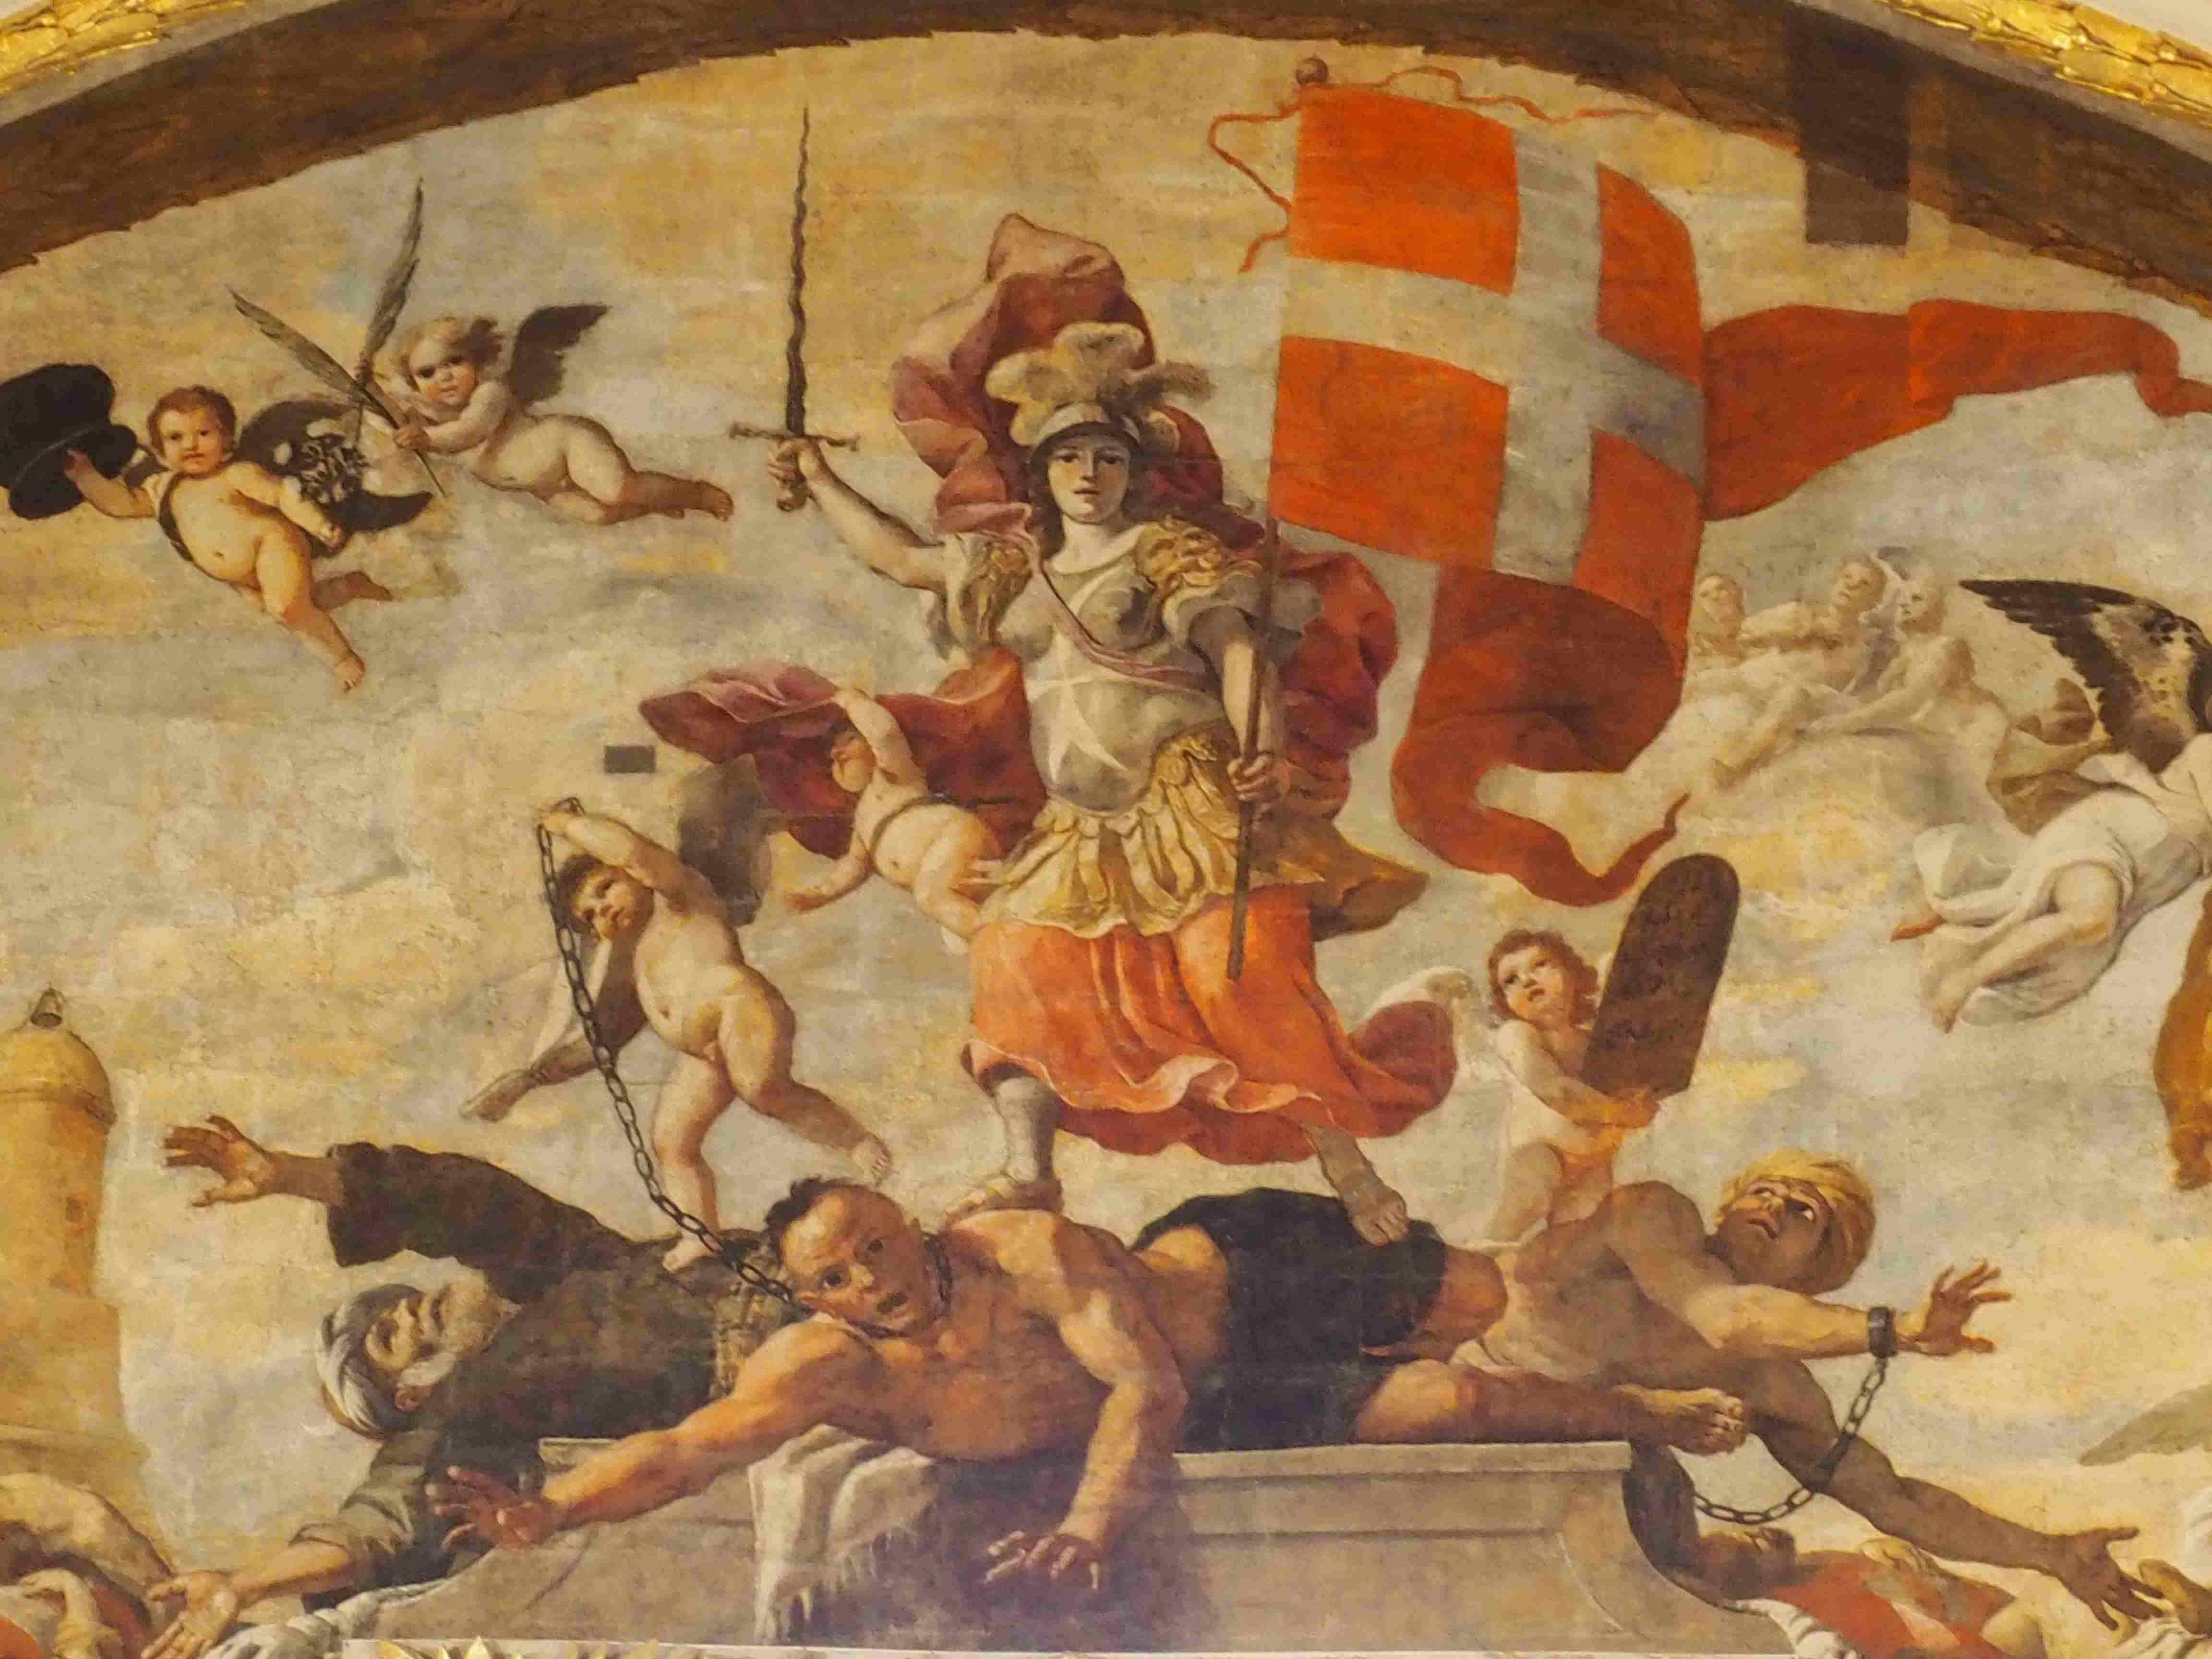 Allegoria della vittoria dell'Ordine contro i Turchi